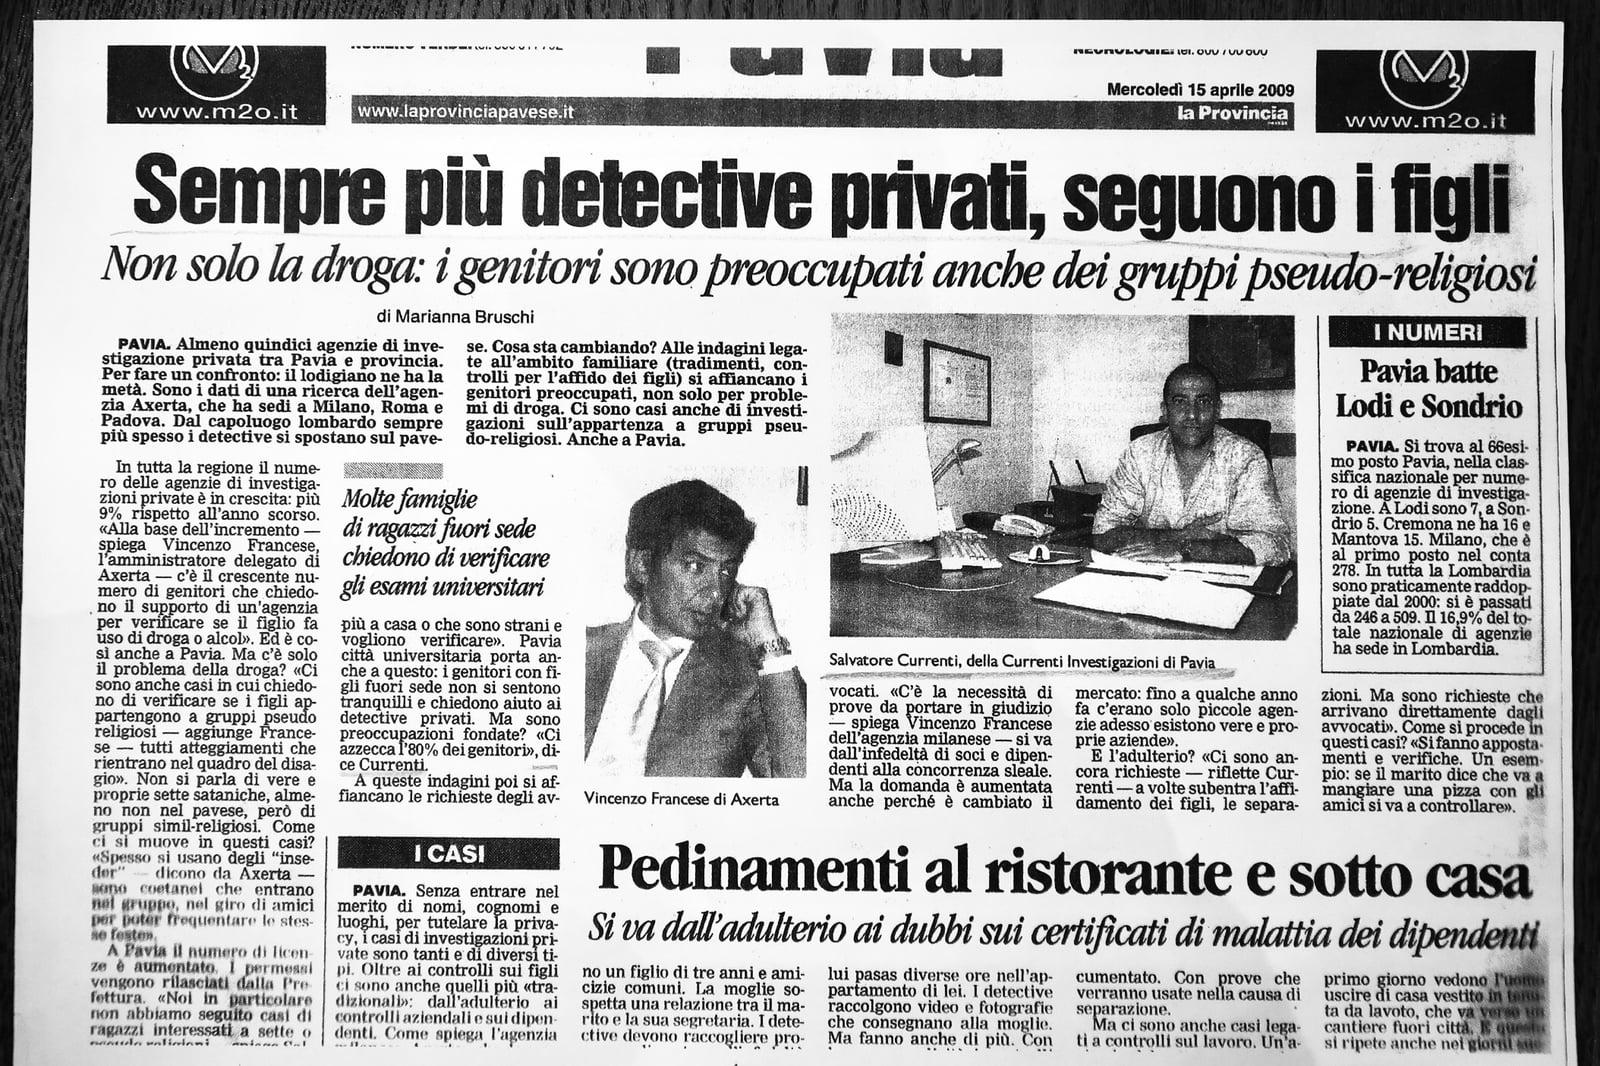 Articolo di giornale su Currenti Investigazioni Pavia foto 6